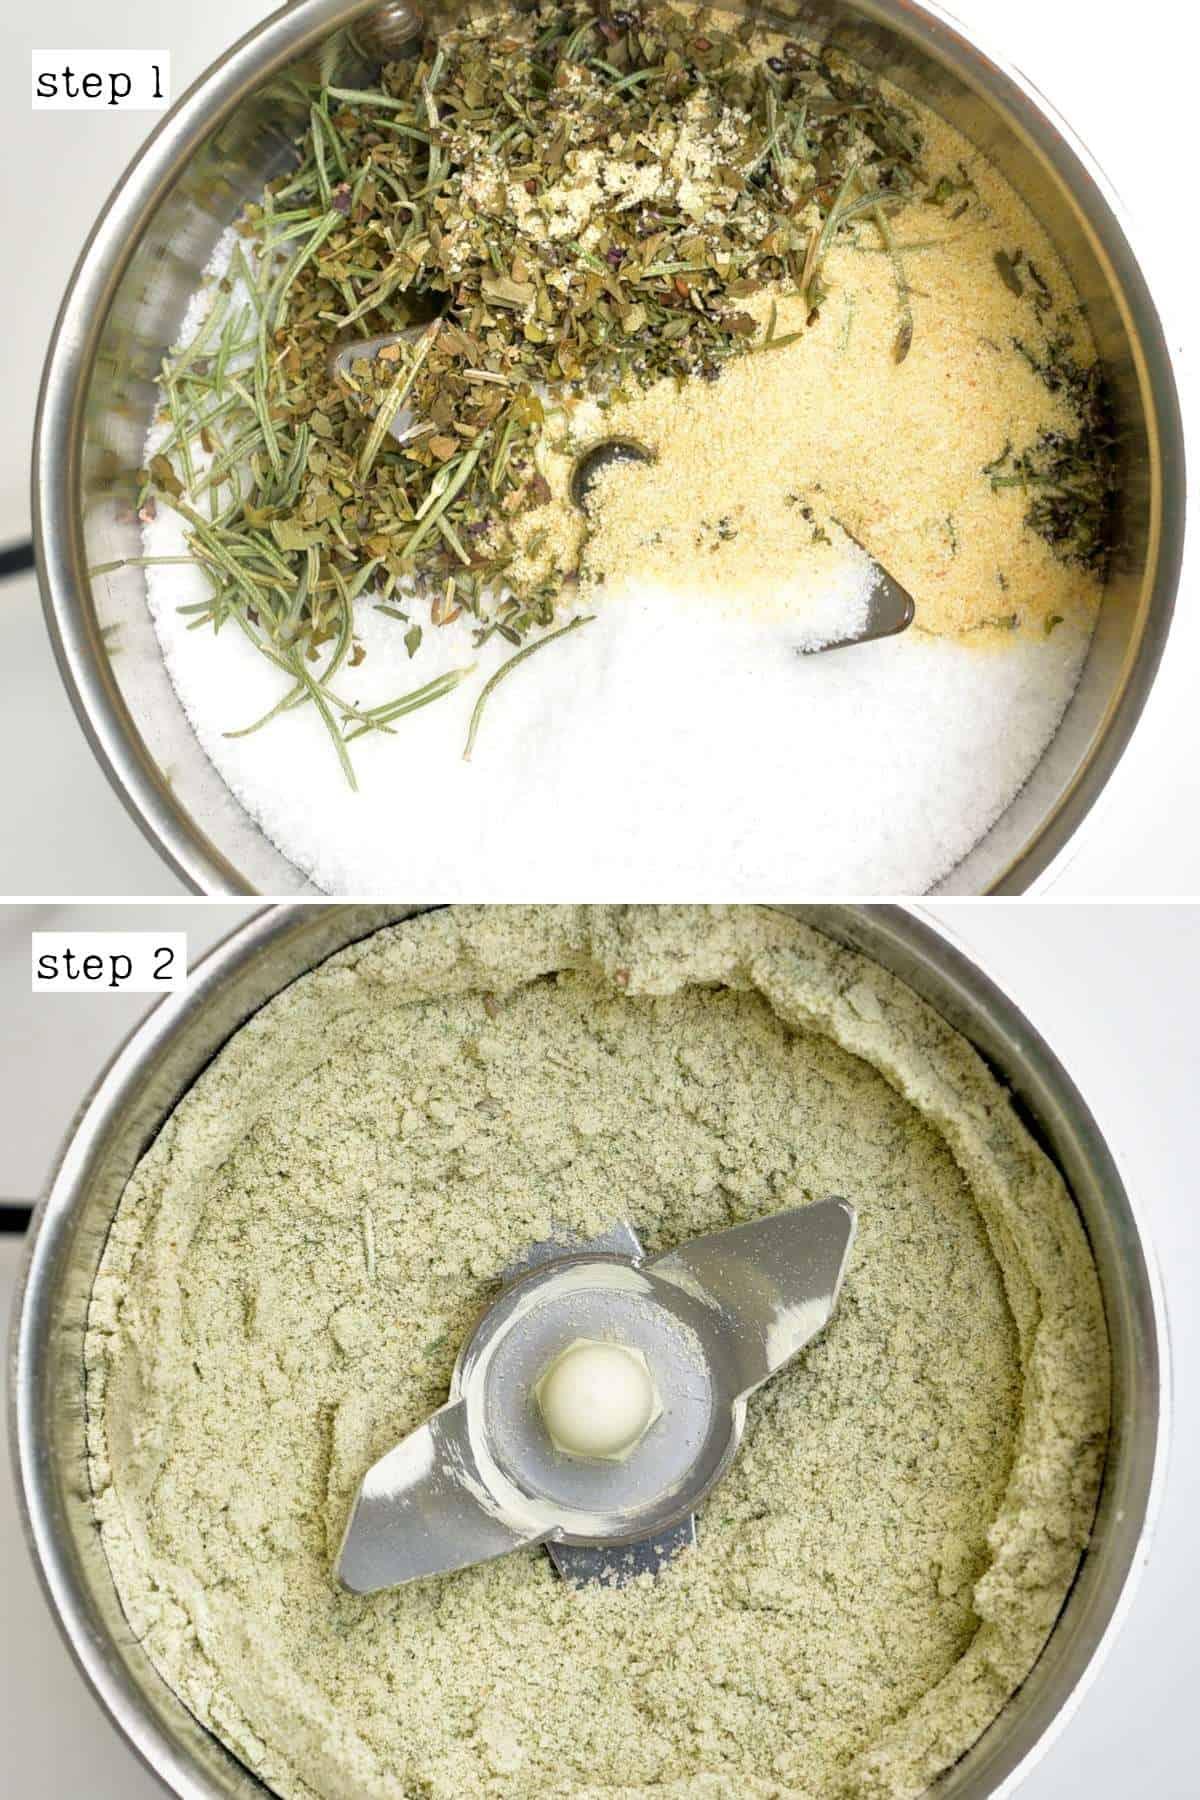 Steps for making herb salt